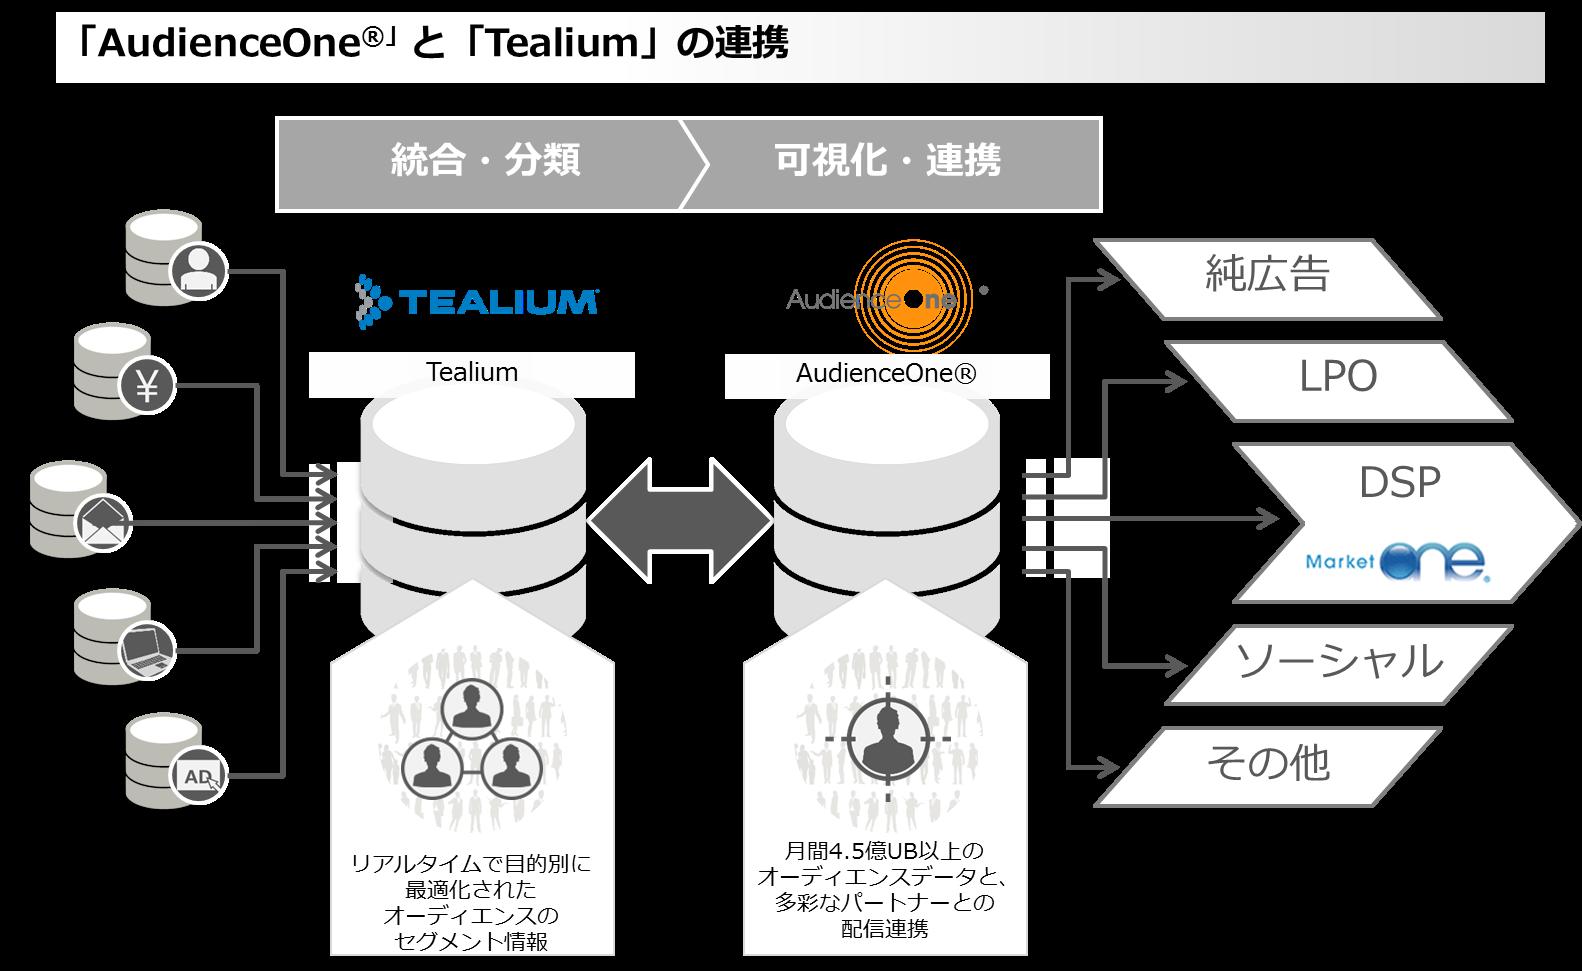 DAC tealium